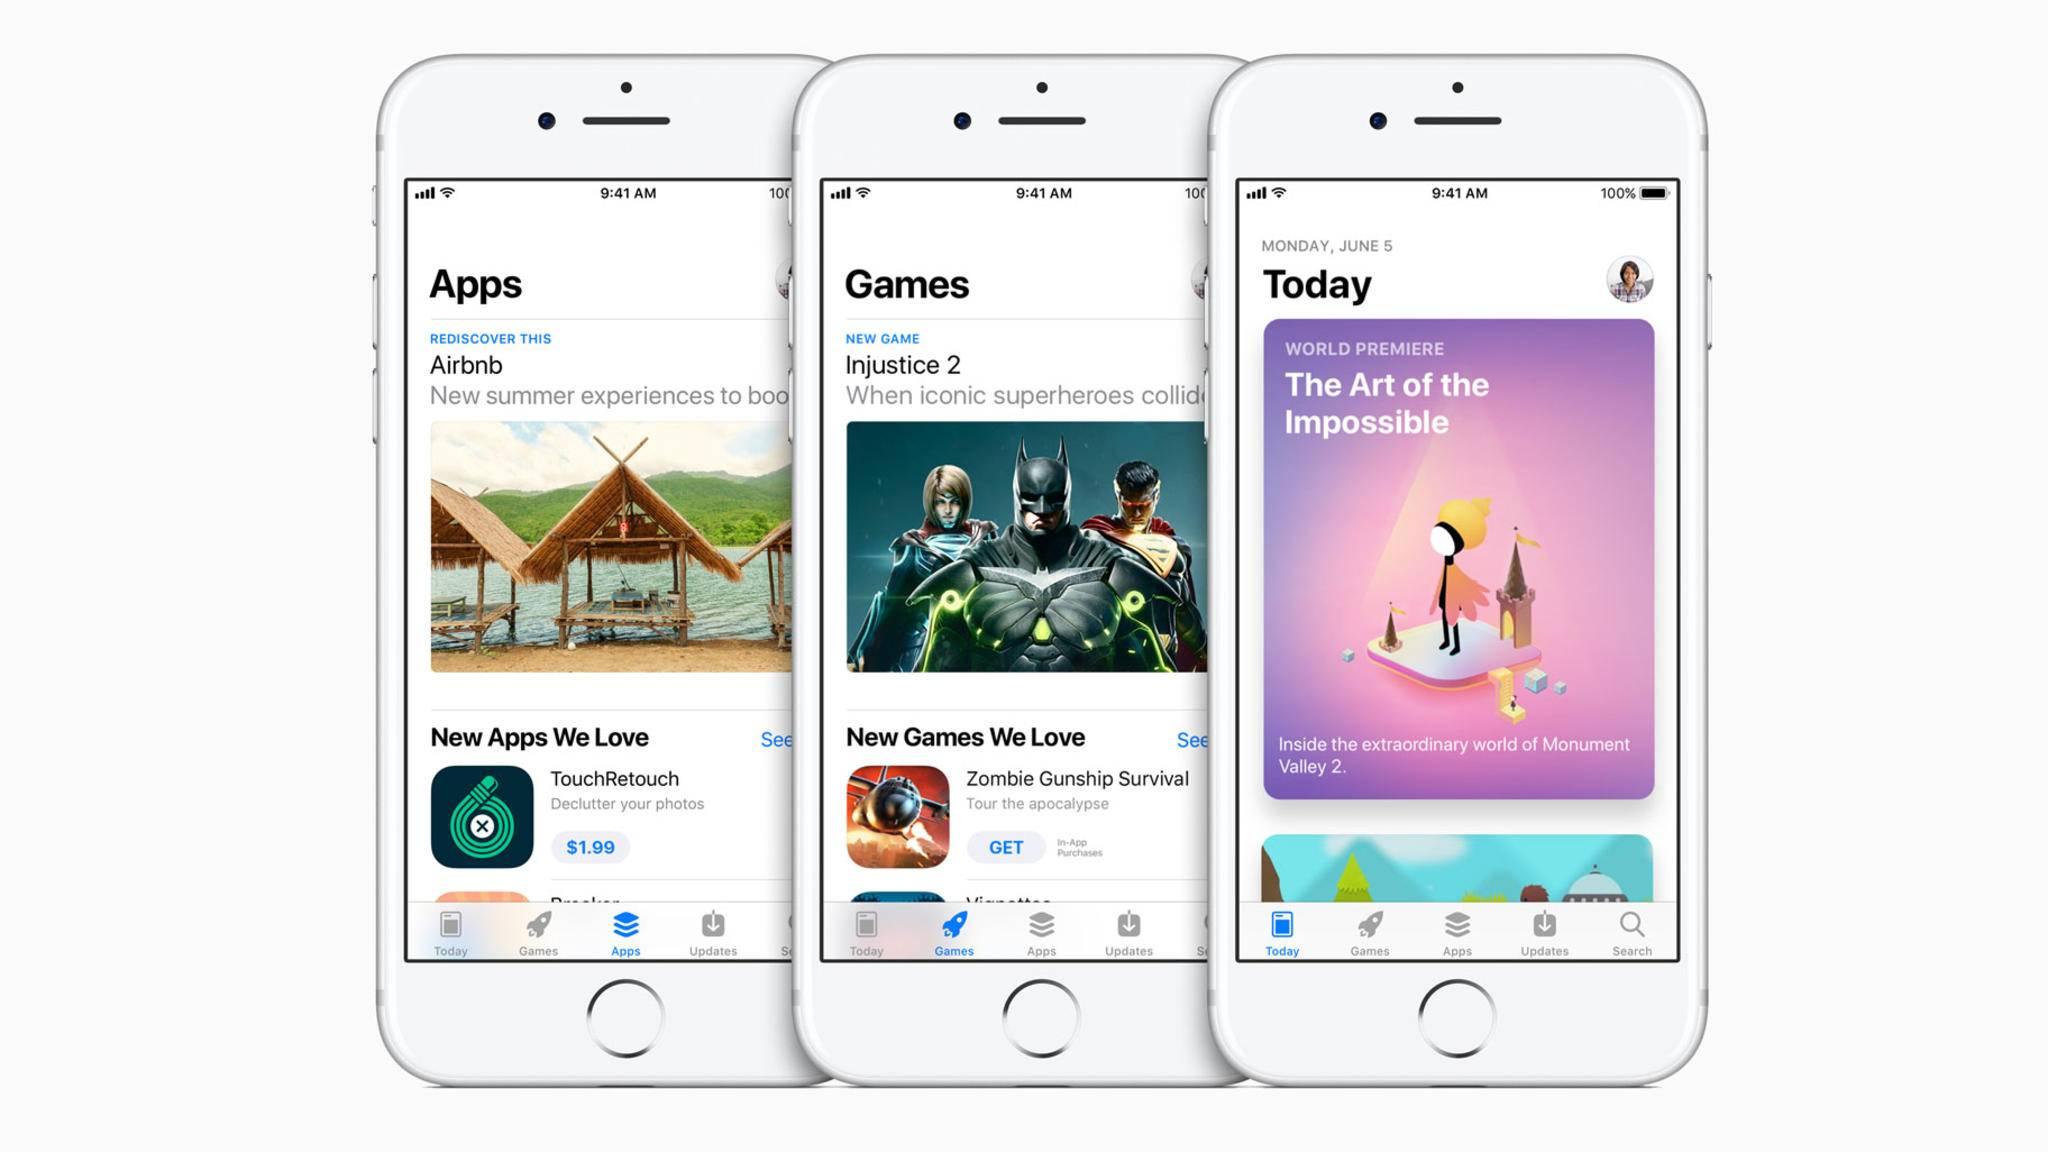 So sieht der aktuelle App Store von Apple im Jahr 2018 aus.